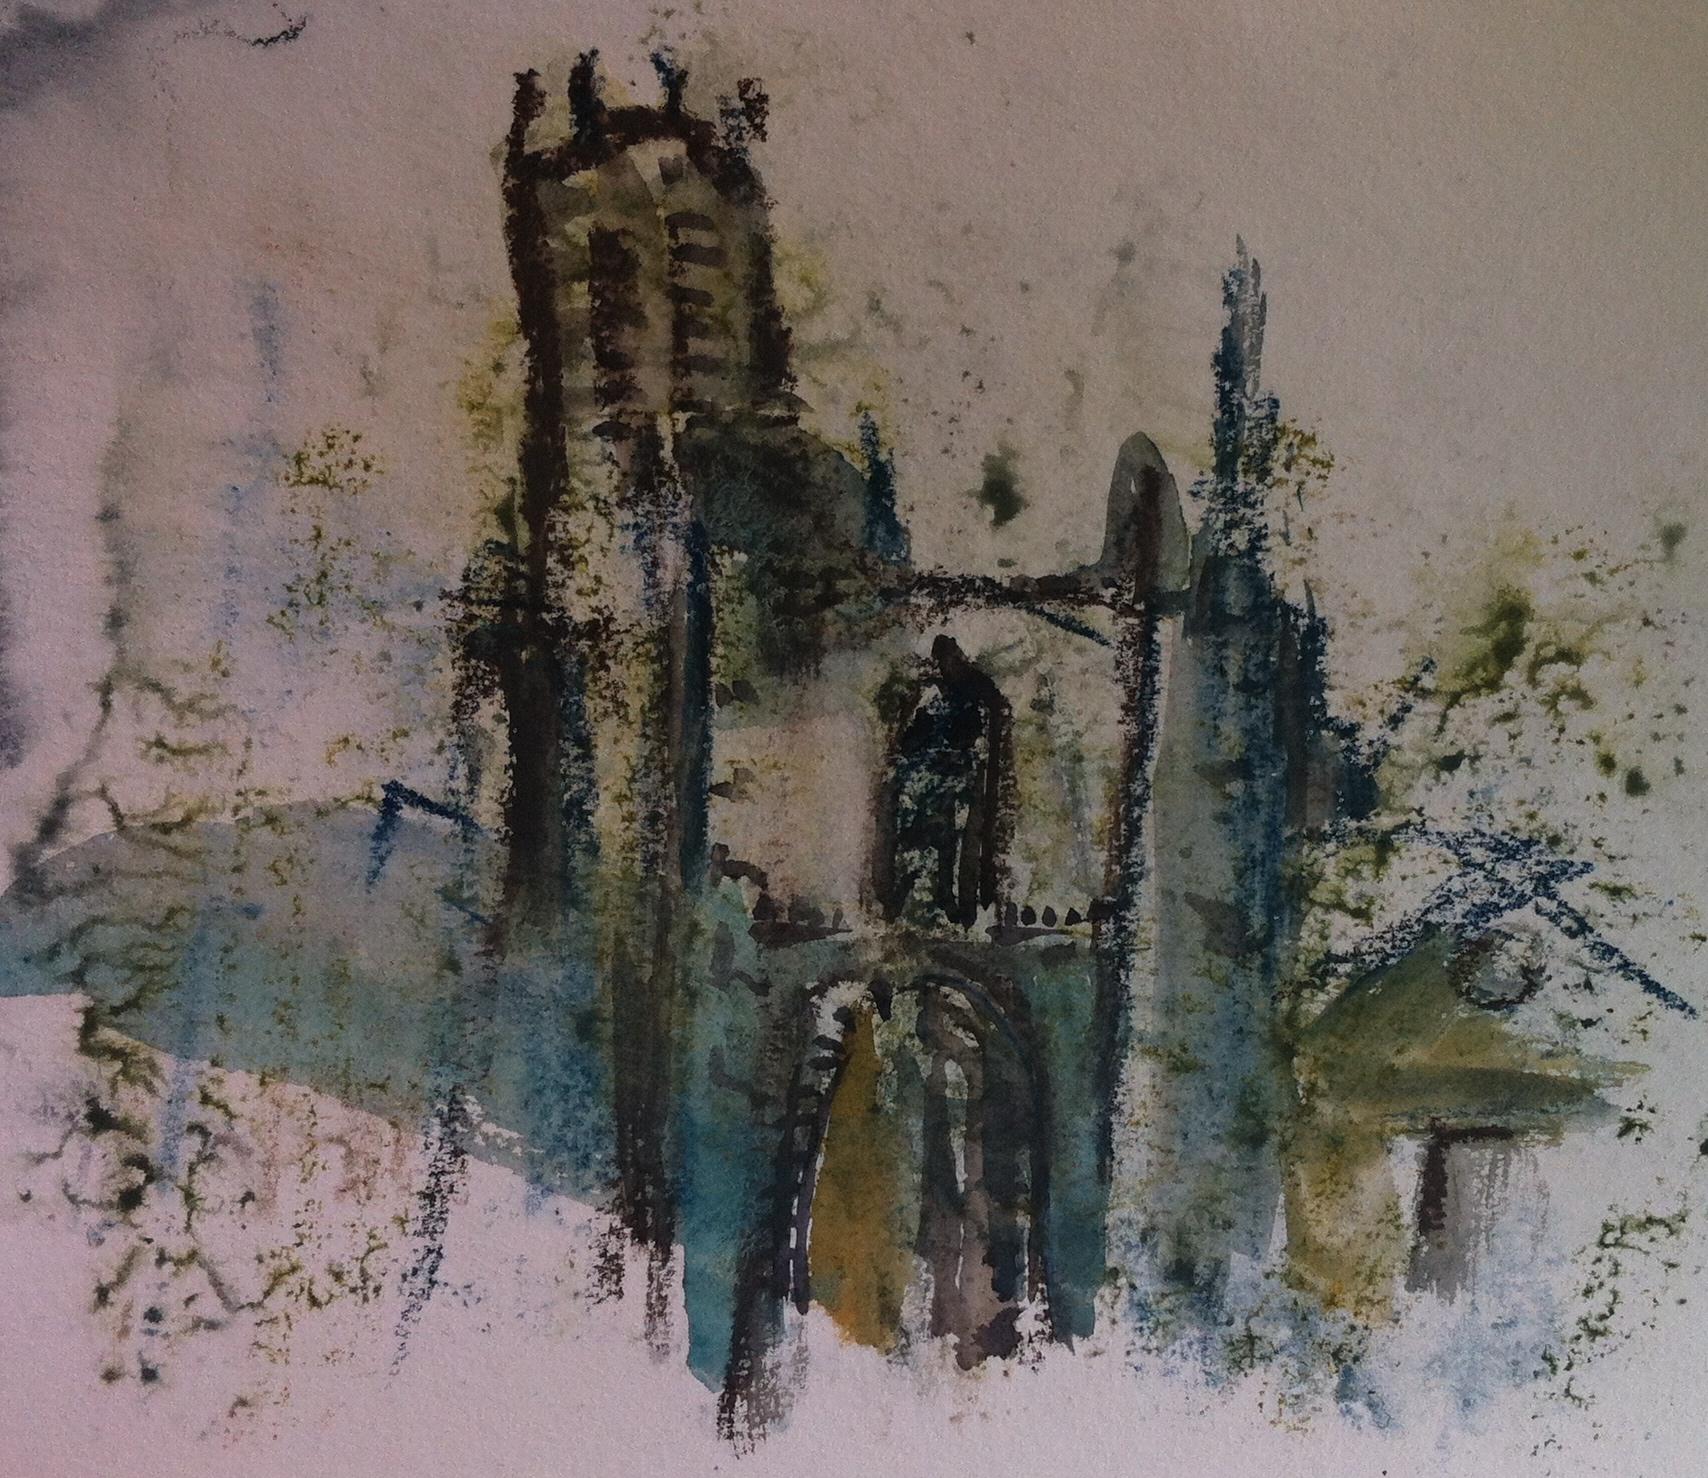 Der schiefe Turm von Pisa in Aix